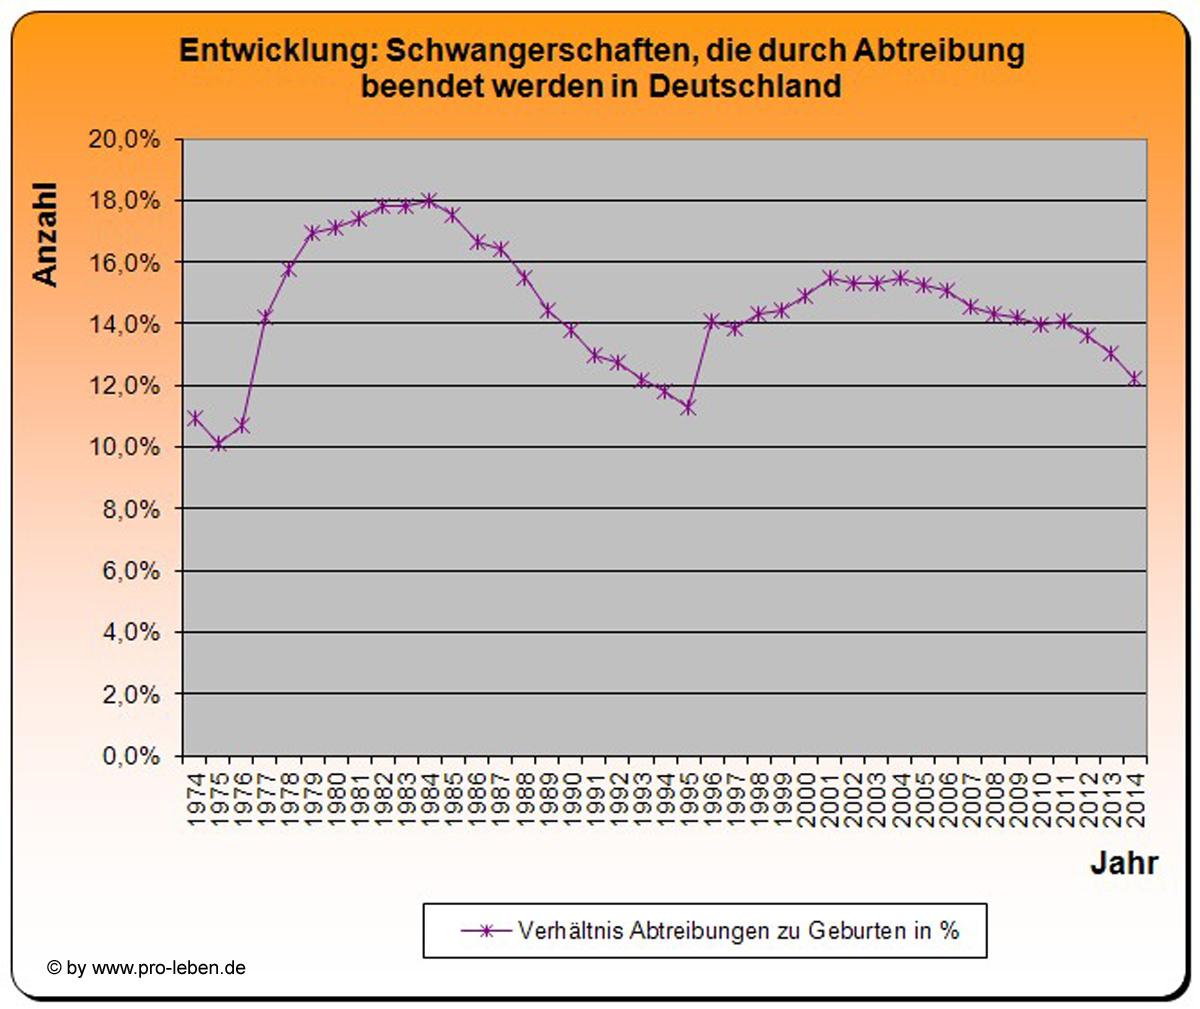 abtreibung in deutschland bis woche